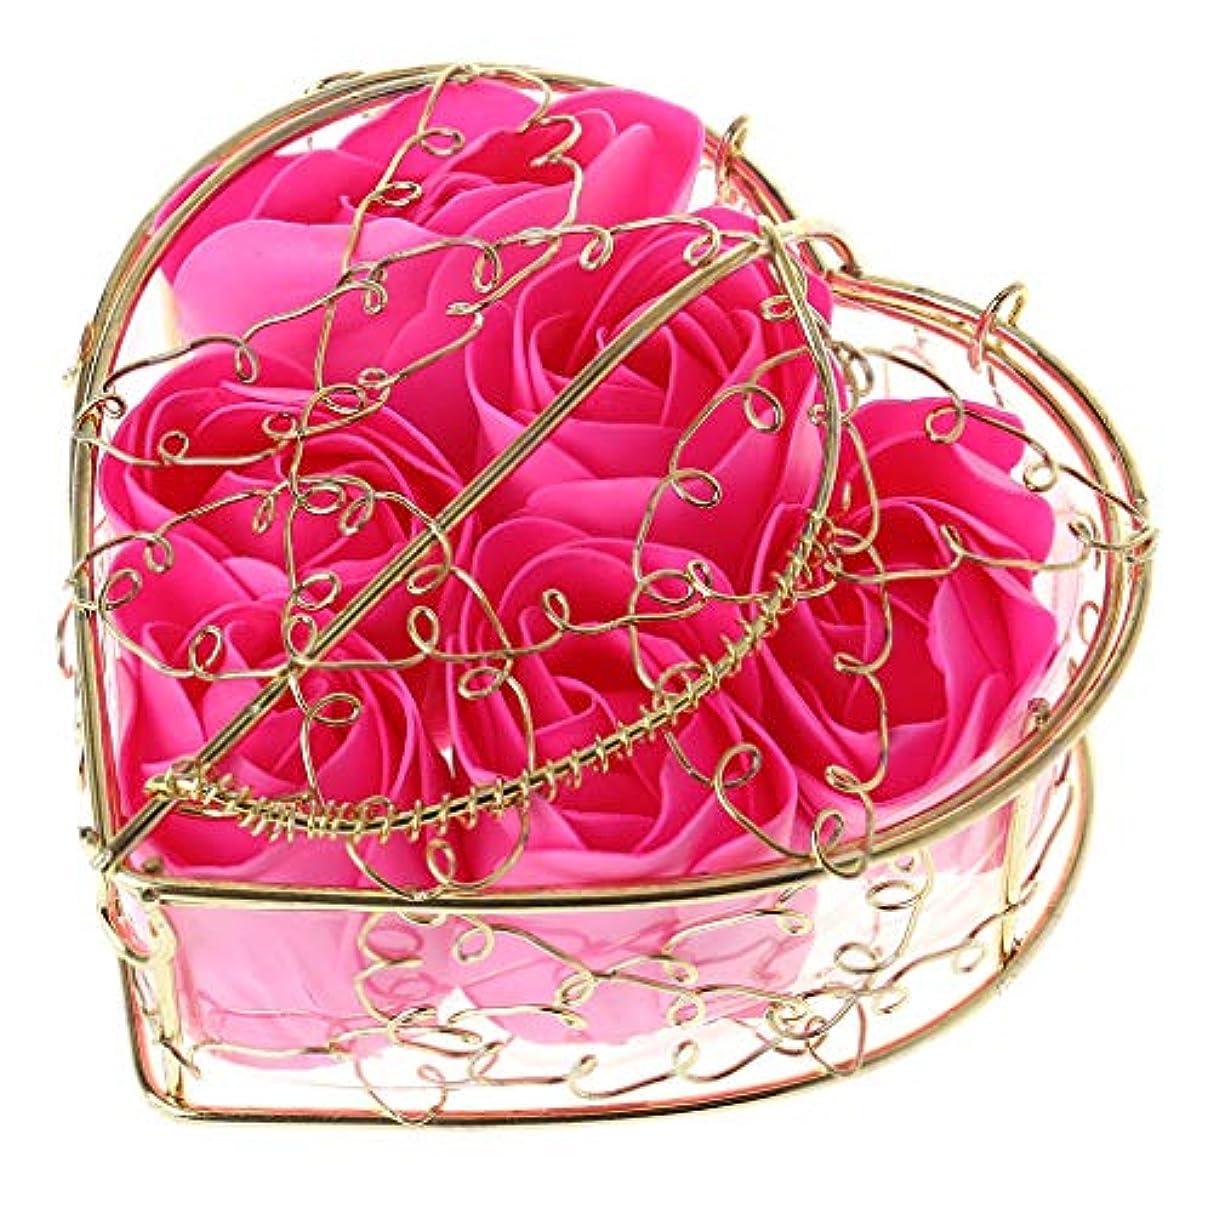 スズメバチアラブサラボ厚さKaman-co 6本の香りのバラの花びら、入浴ボディーソープ、ウェディングパーティーの装飾ギフト、バレンタインデーの贈り物 (HP)